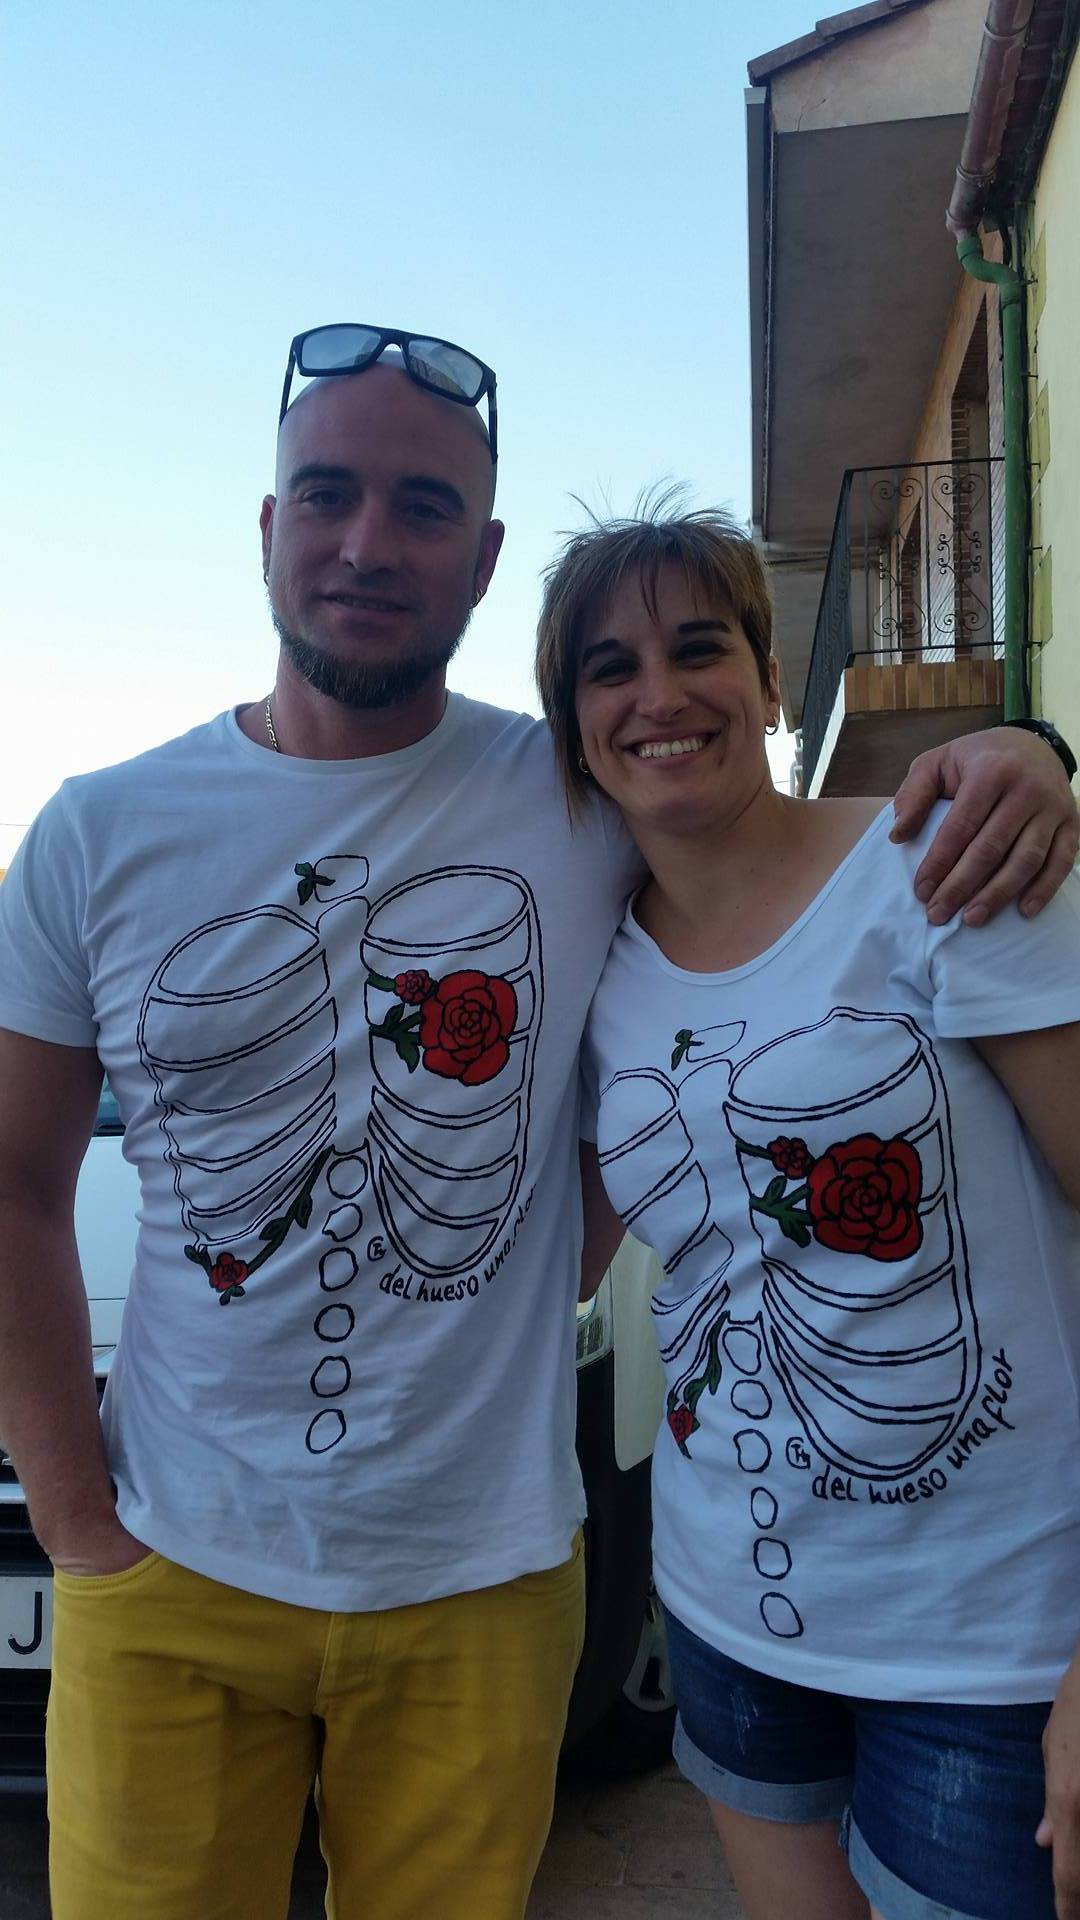 """Javi y Pili desde Burgos con las camisetas """"del hueso una flor"""" Pareja de guapos!"""